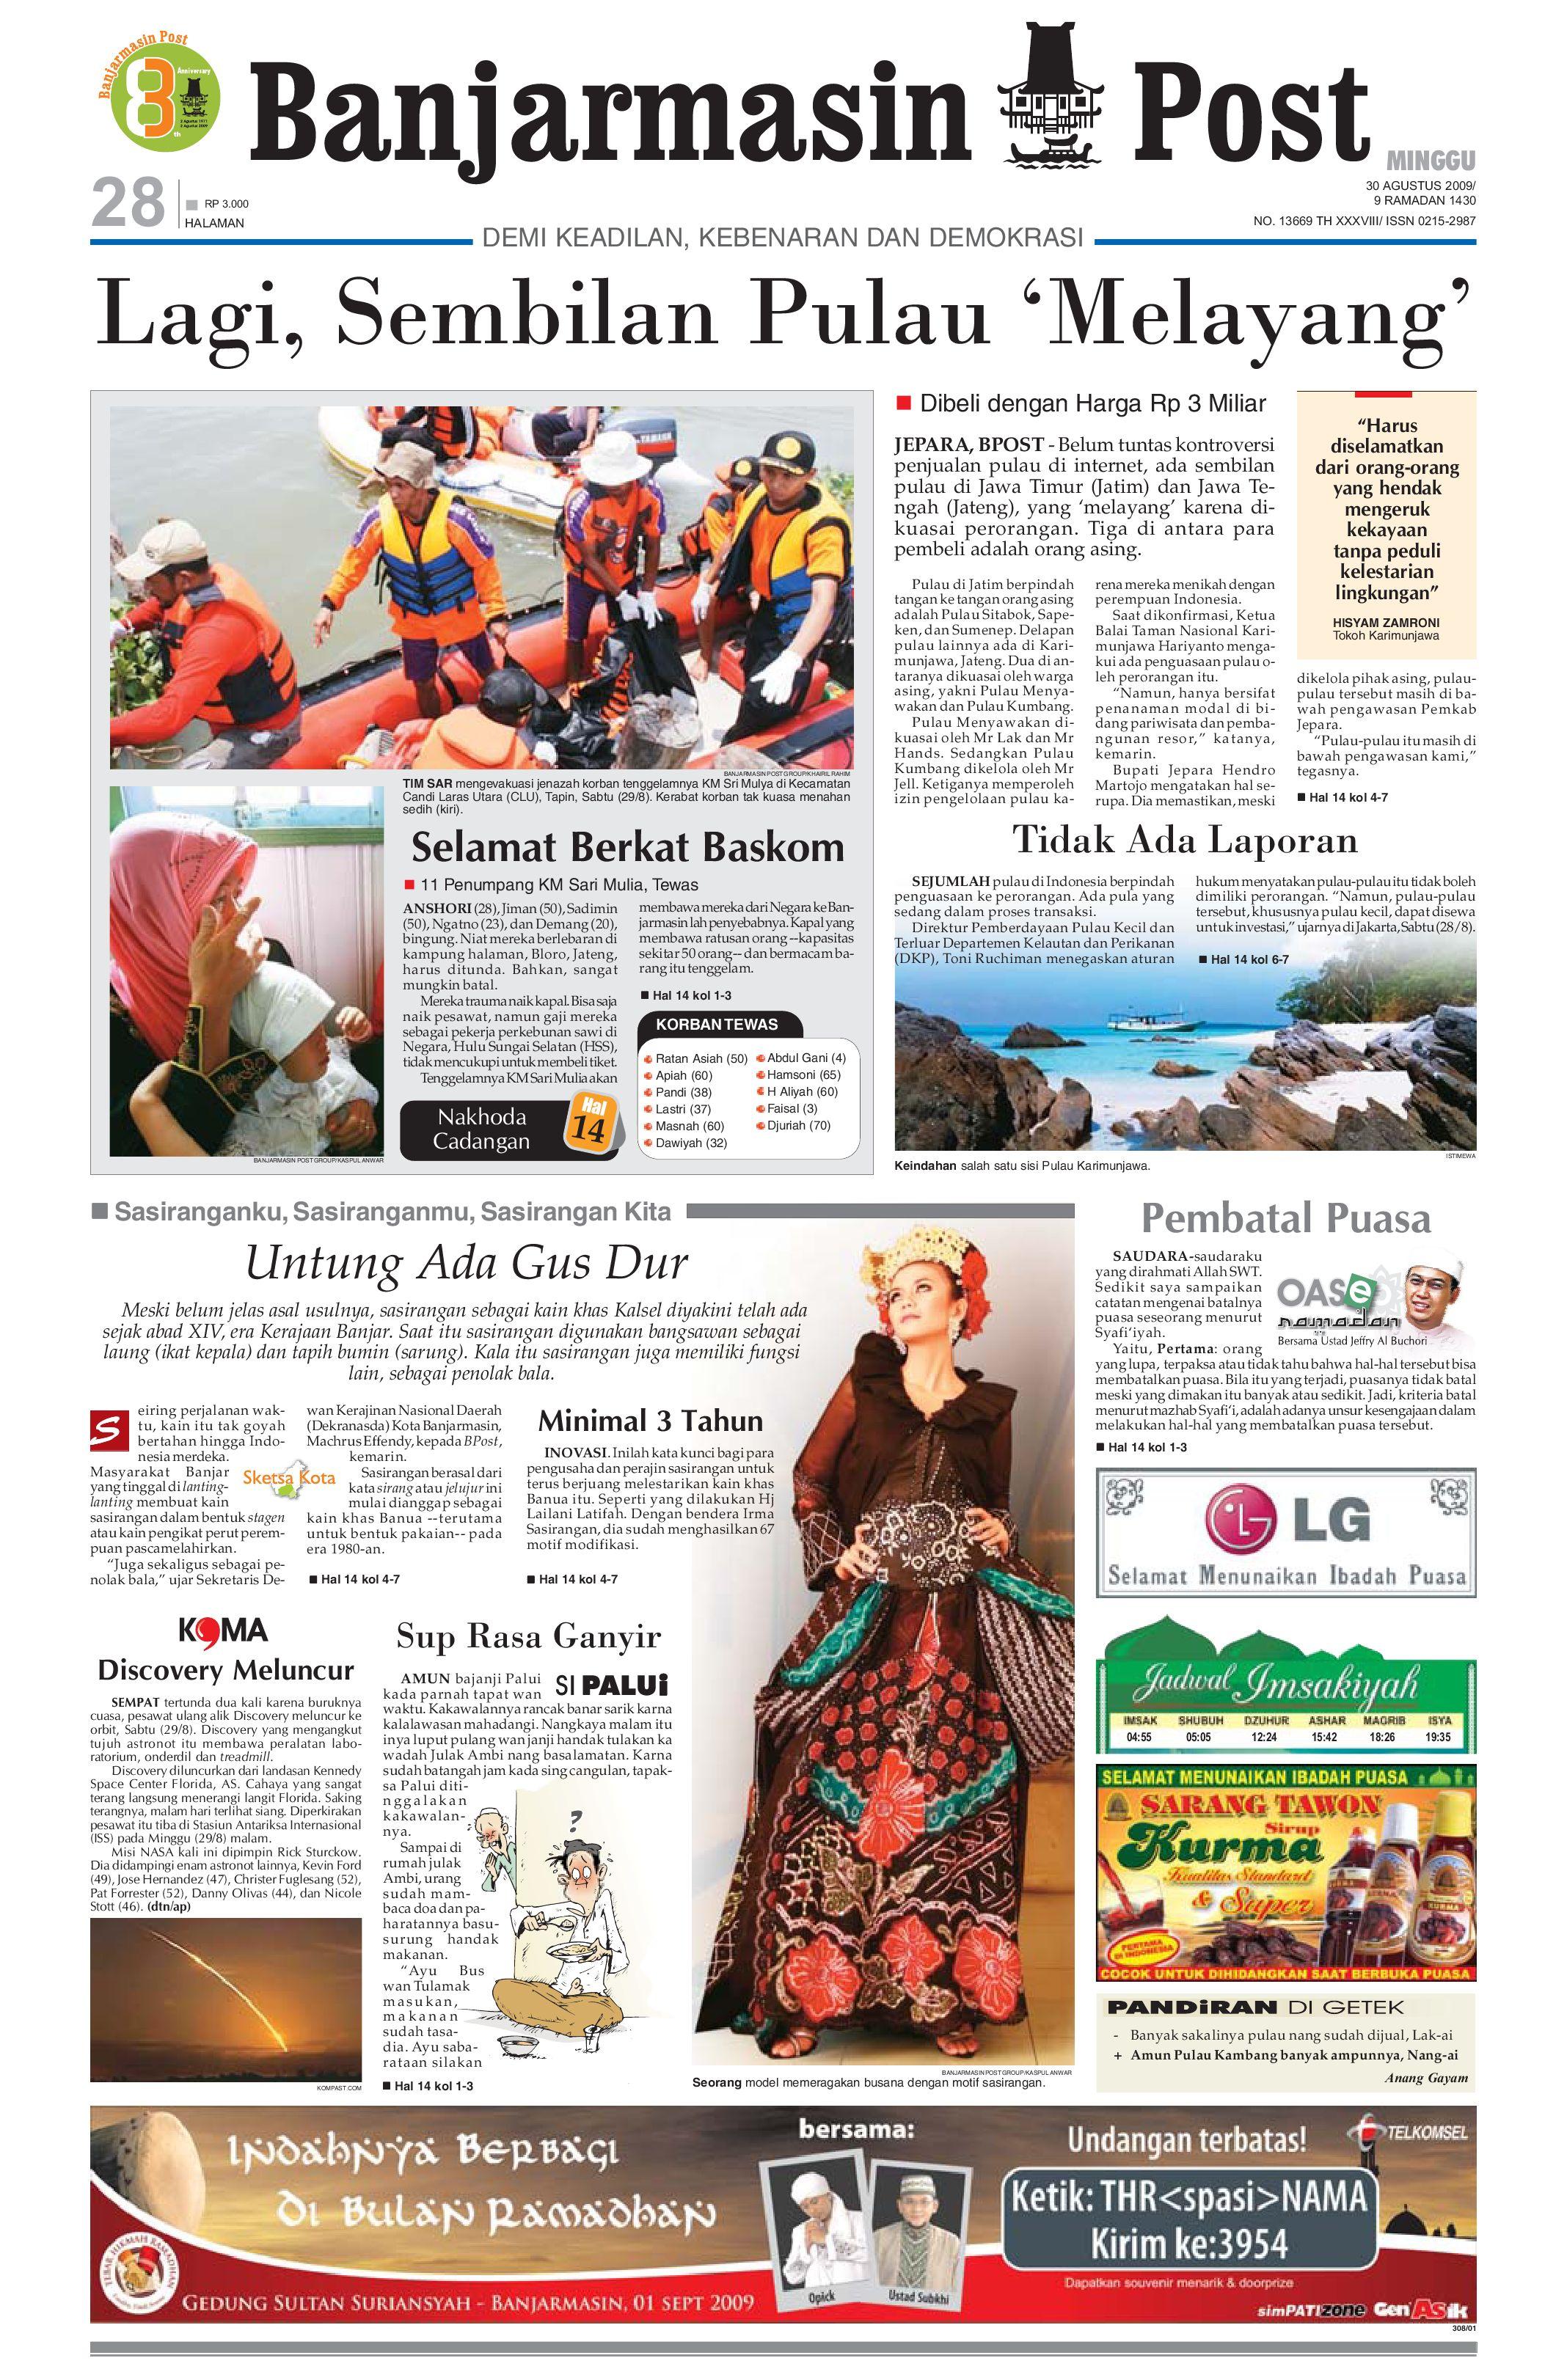 Banjarmasin Post Edisi Minggu 30 Agustus 2009 By Tcash Vaganza 28 Sambal Bawang Bu Rudy Khas Surabaya Issuu